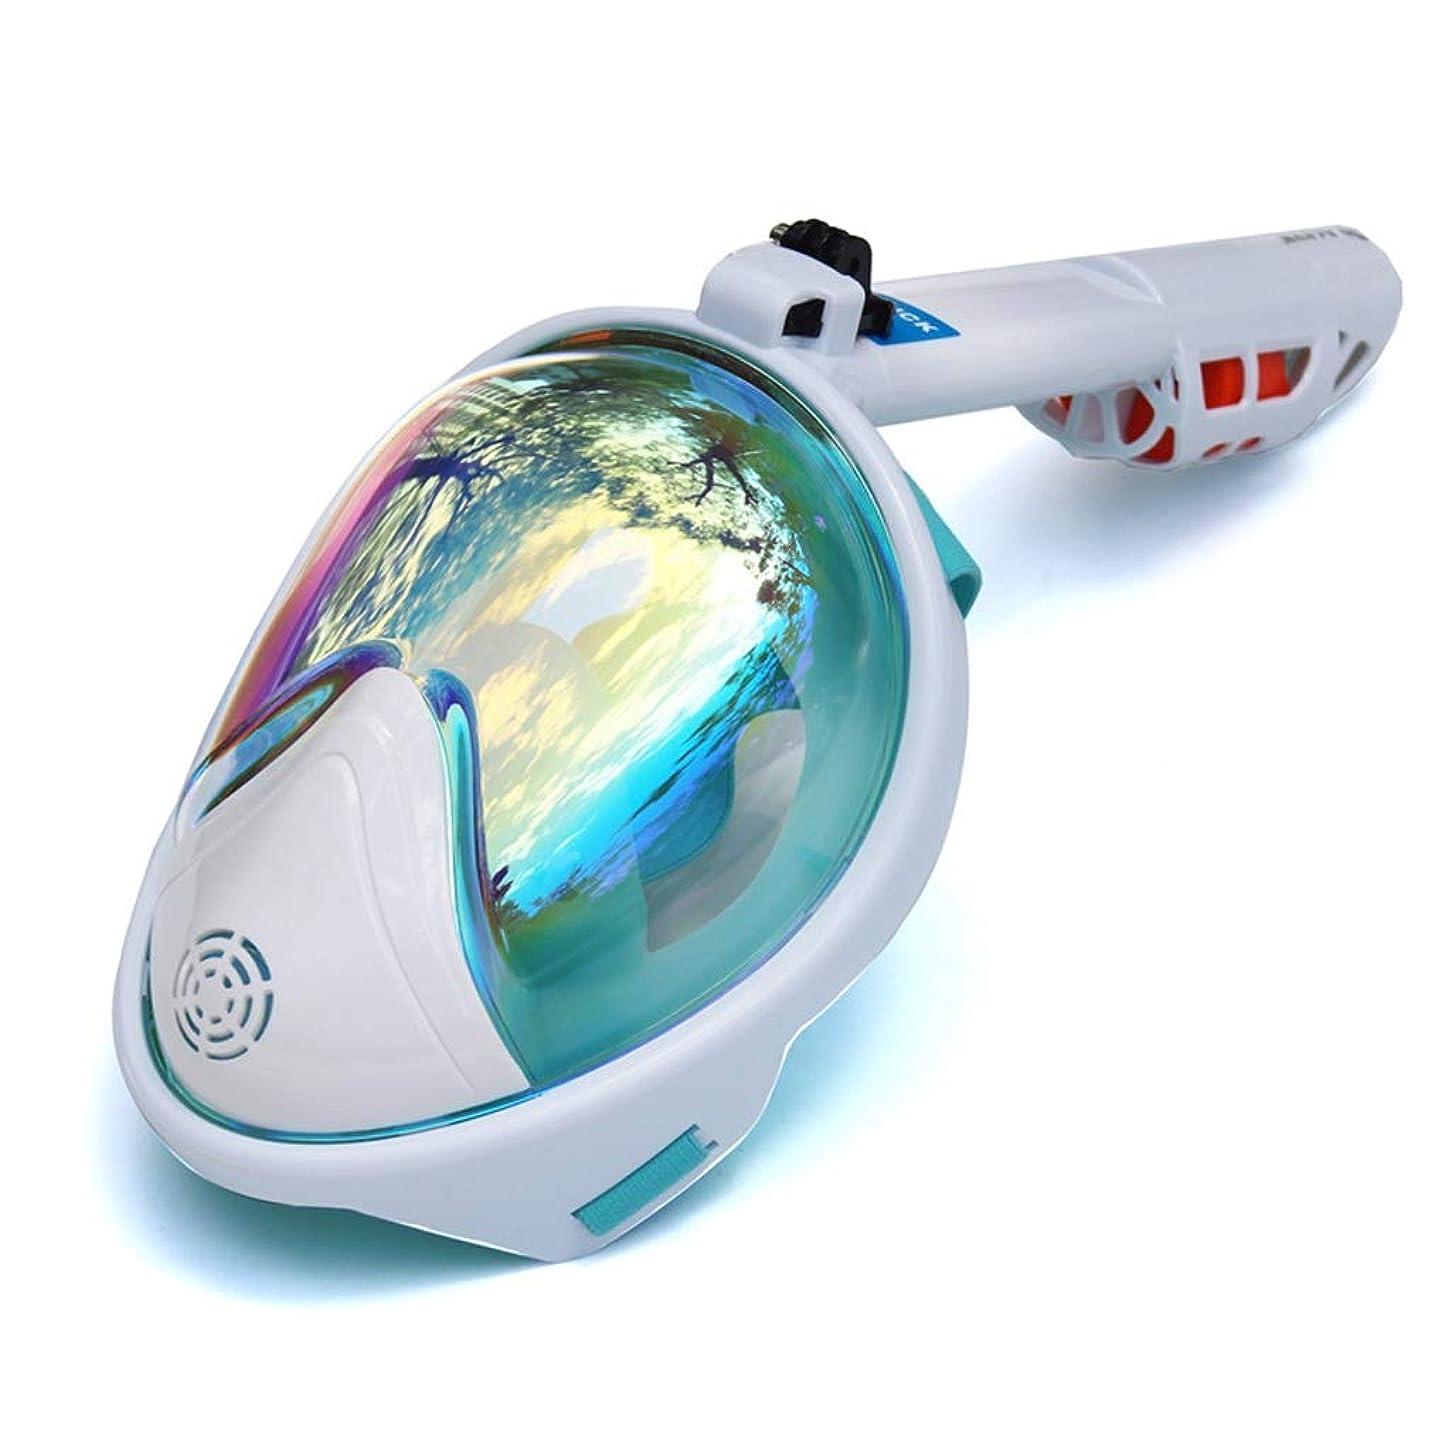 髄と闘うますます海 ダイビングマスク水中スキューバダイビングアンチフォグフルフェイスダイビングマスクシュノーケリングセット付き滑り止めリングシュノーケル 呼吸とビジョン (Color : White, サイズ : XL)